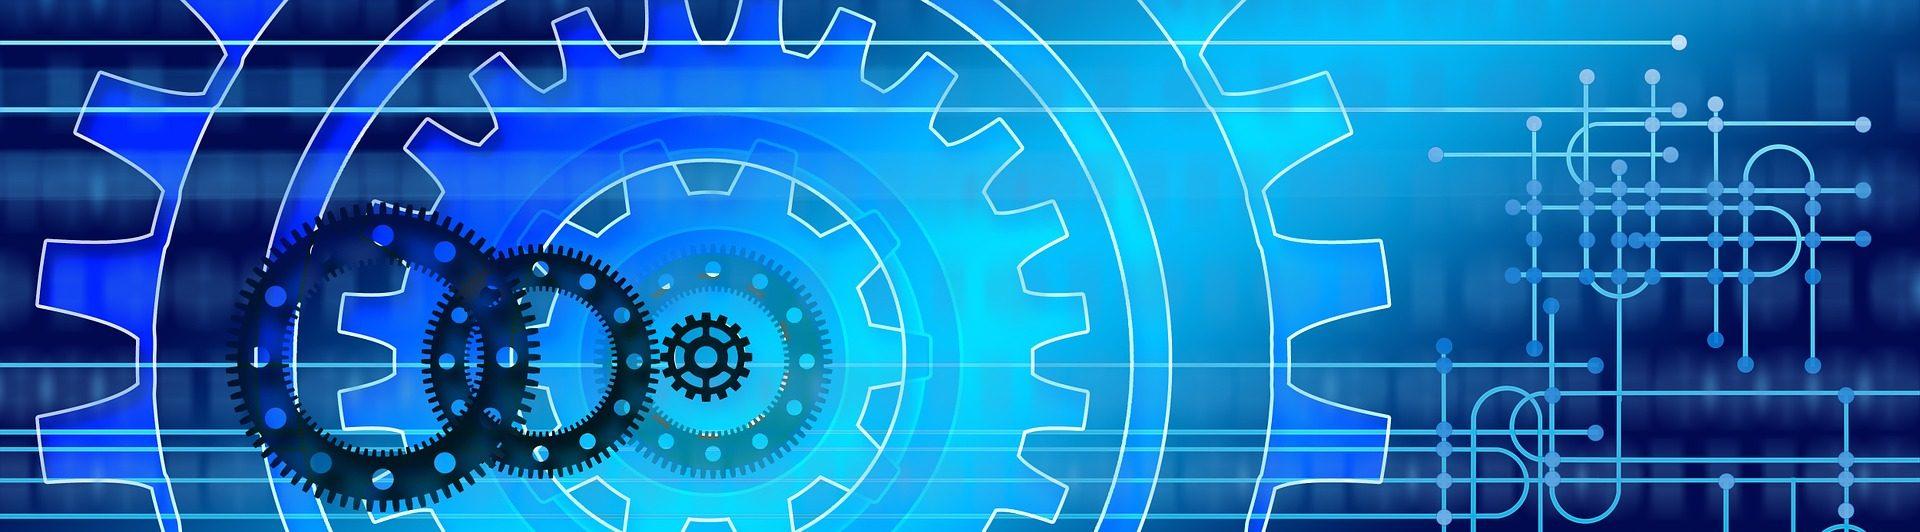 U.A.C Infotech Solutions